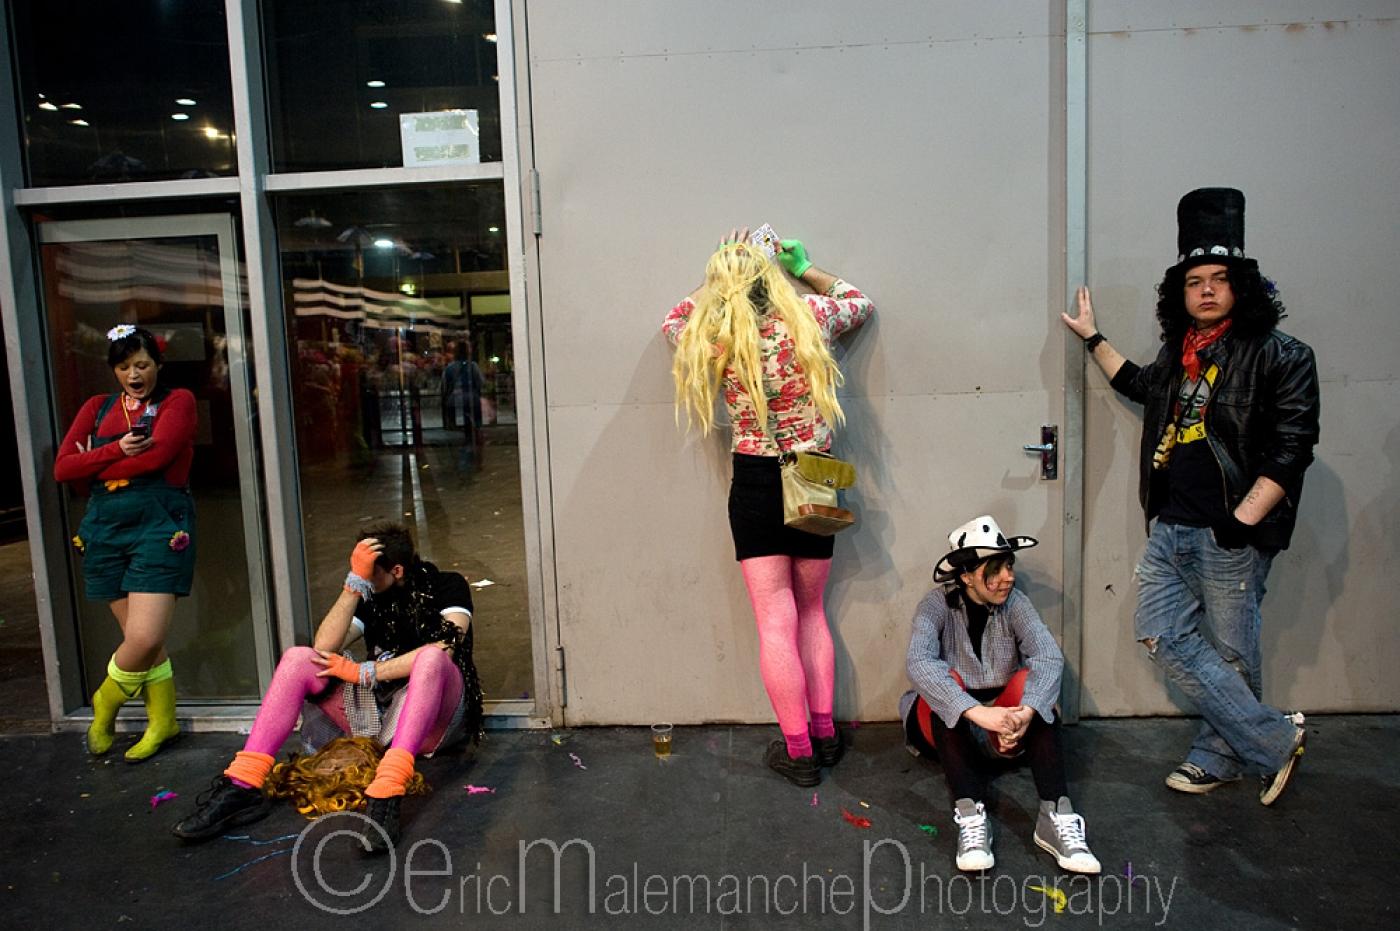 http://www.ericmalemanche.com/imagess/topics/carnaval-de-dunkerque/liste/Carnaval-Dunkerque-0956.jpg